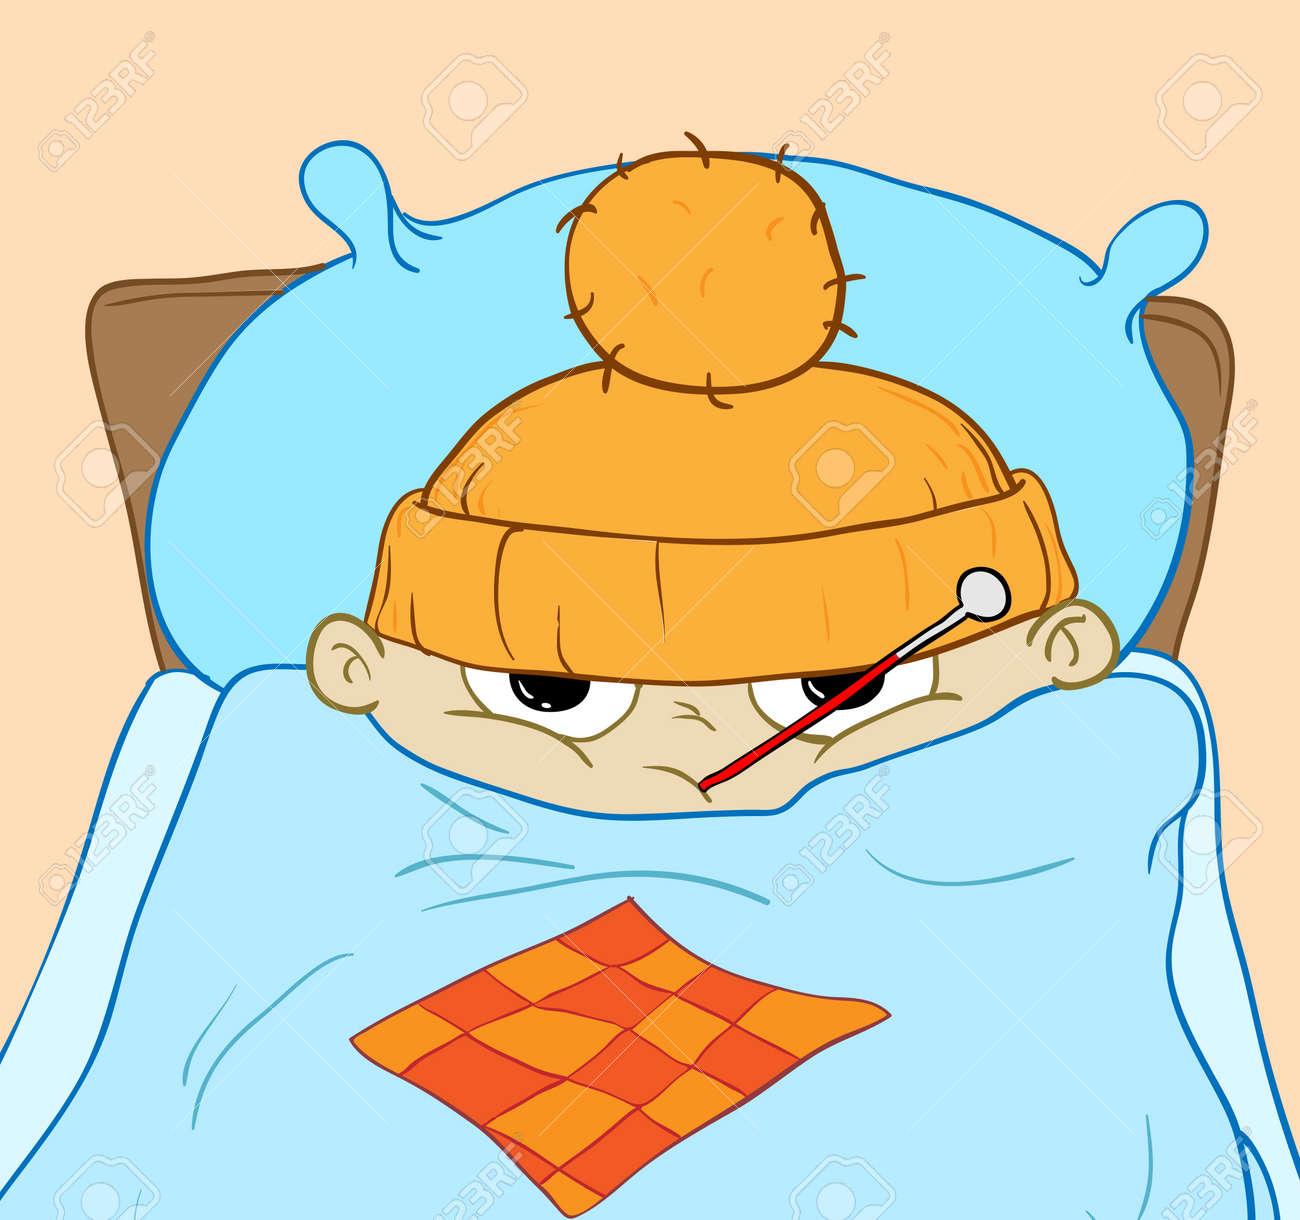 病気の少年は、発熱とベッドに横になっています。イラスト